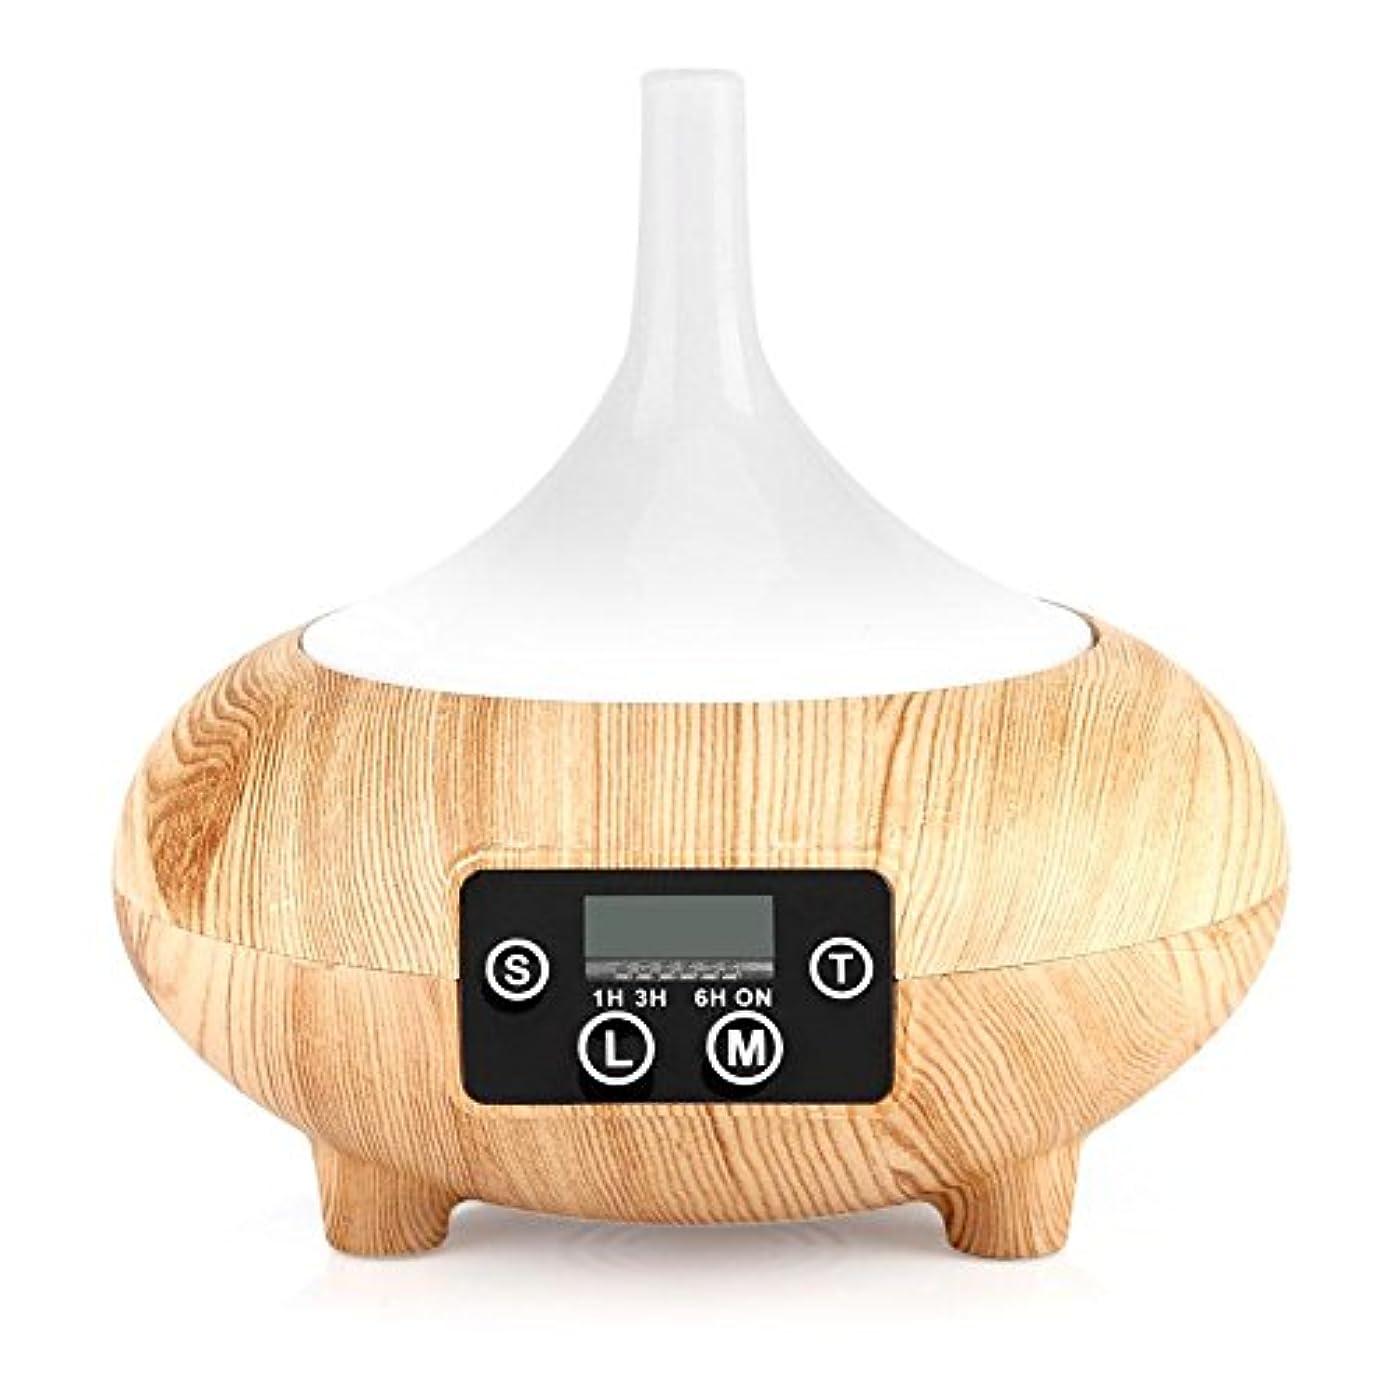 時間厳守フィドル団結加湿器 アロマディフューザー LED時計 卓上加湿器 空気清浄機 空焚き防止機能搭載 色変換LED搭載 ミストモード 時間設定 木目調 おしゃれ 乾燥対応 SPA美容など適用(浅木纹)